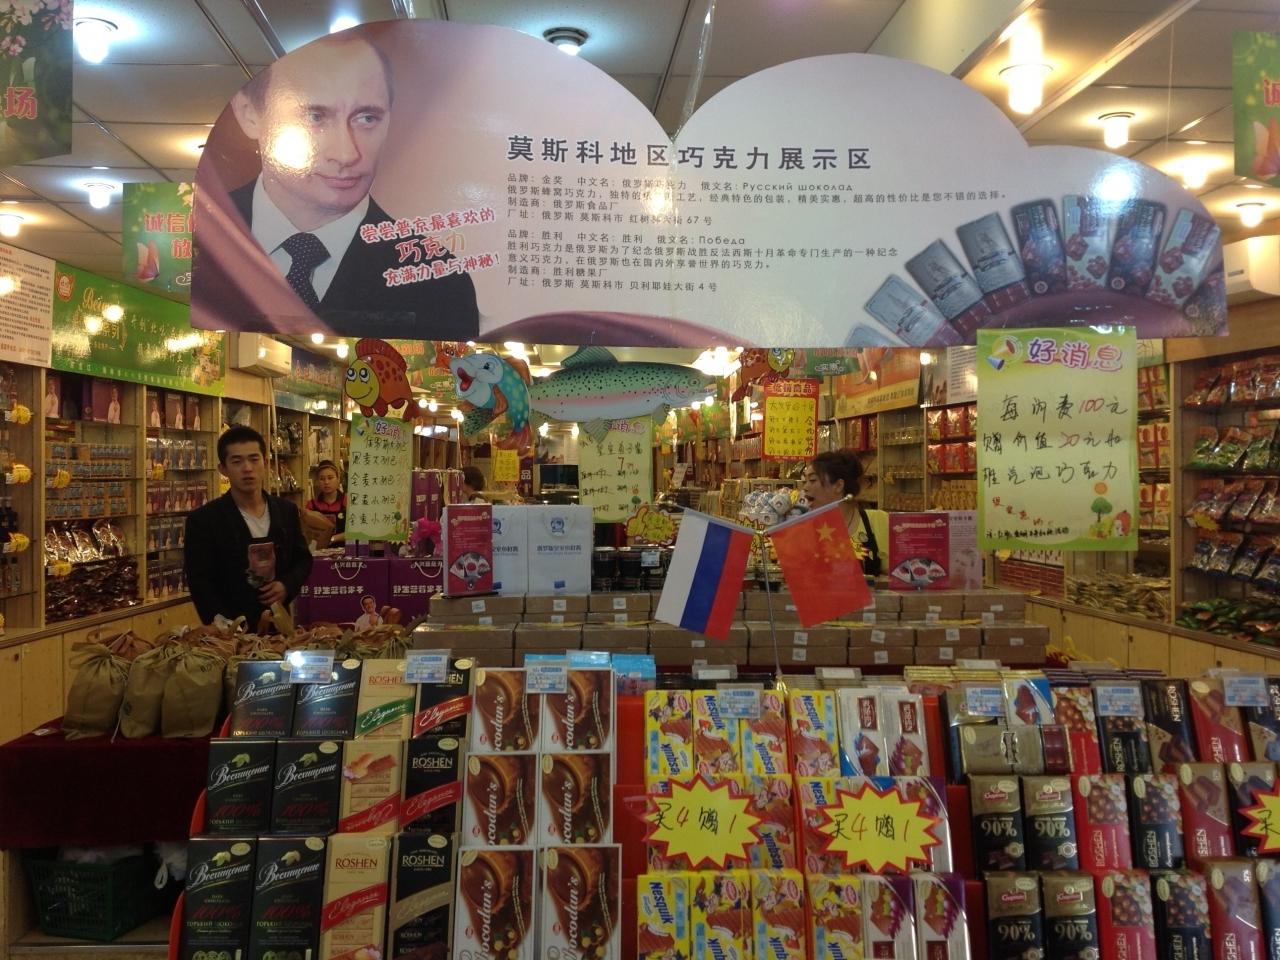 Улыбающийся Владимир Владимирович встречает китайских покупателей около стенда с шоколадом